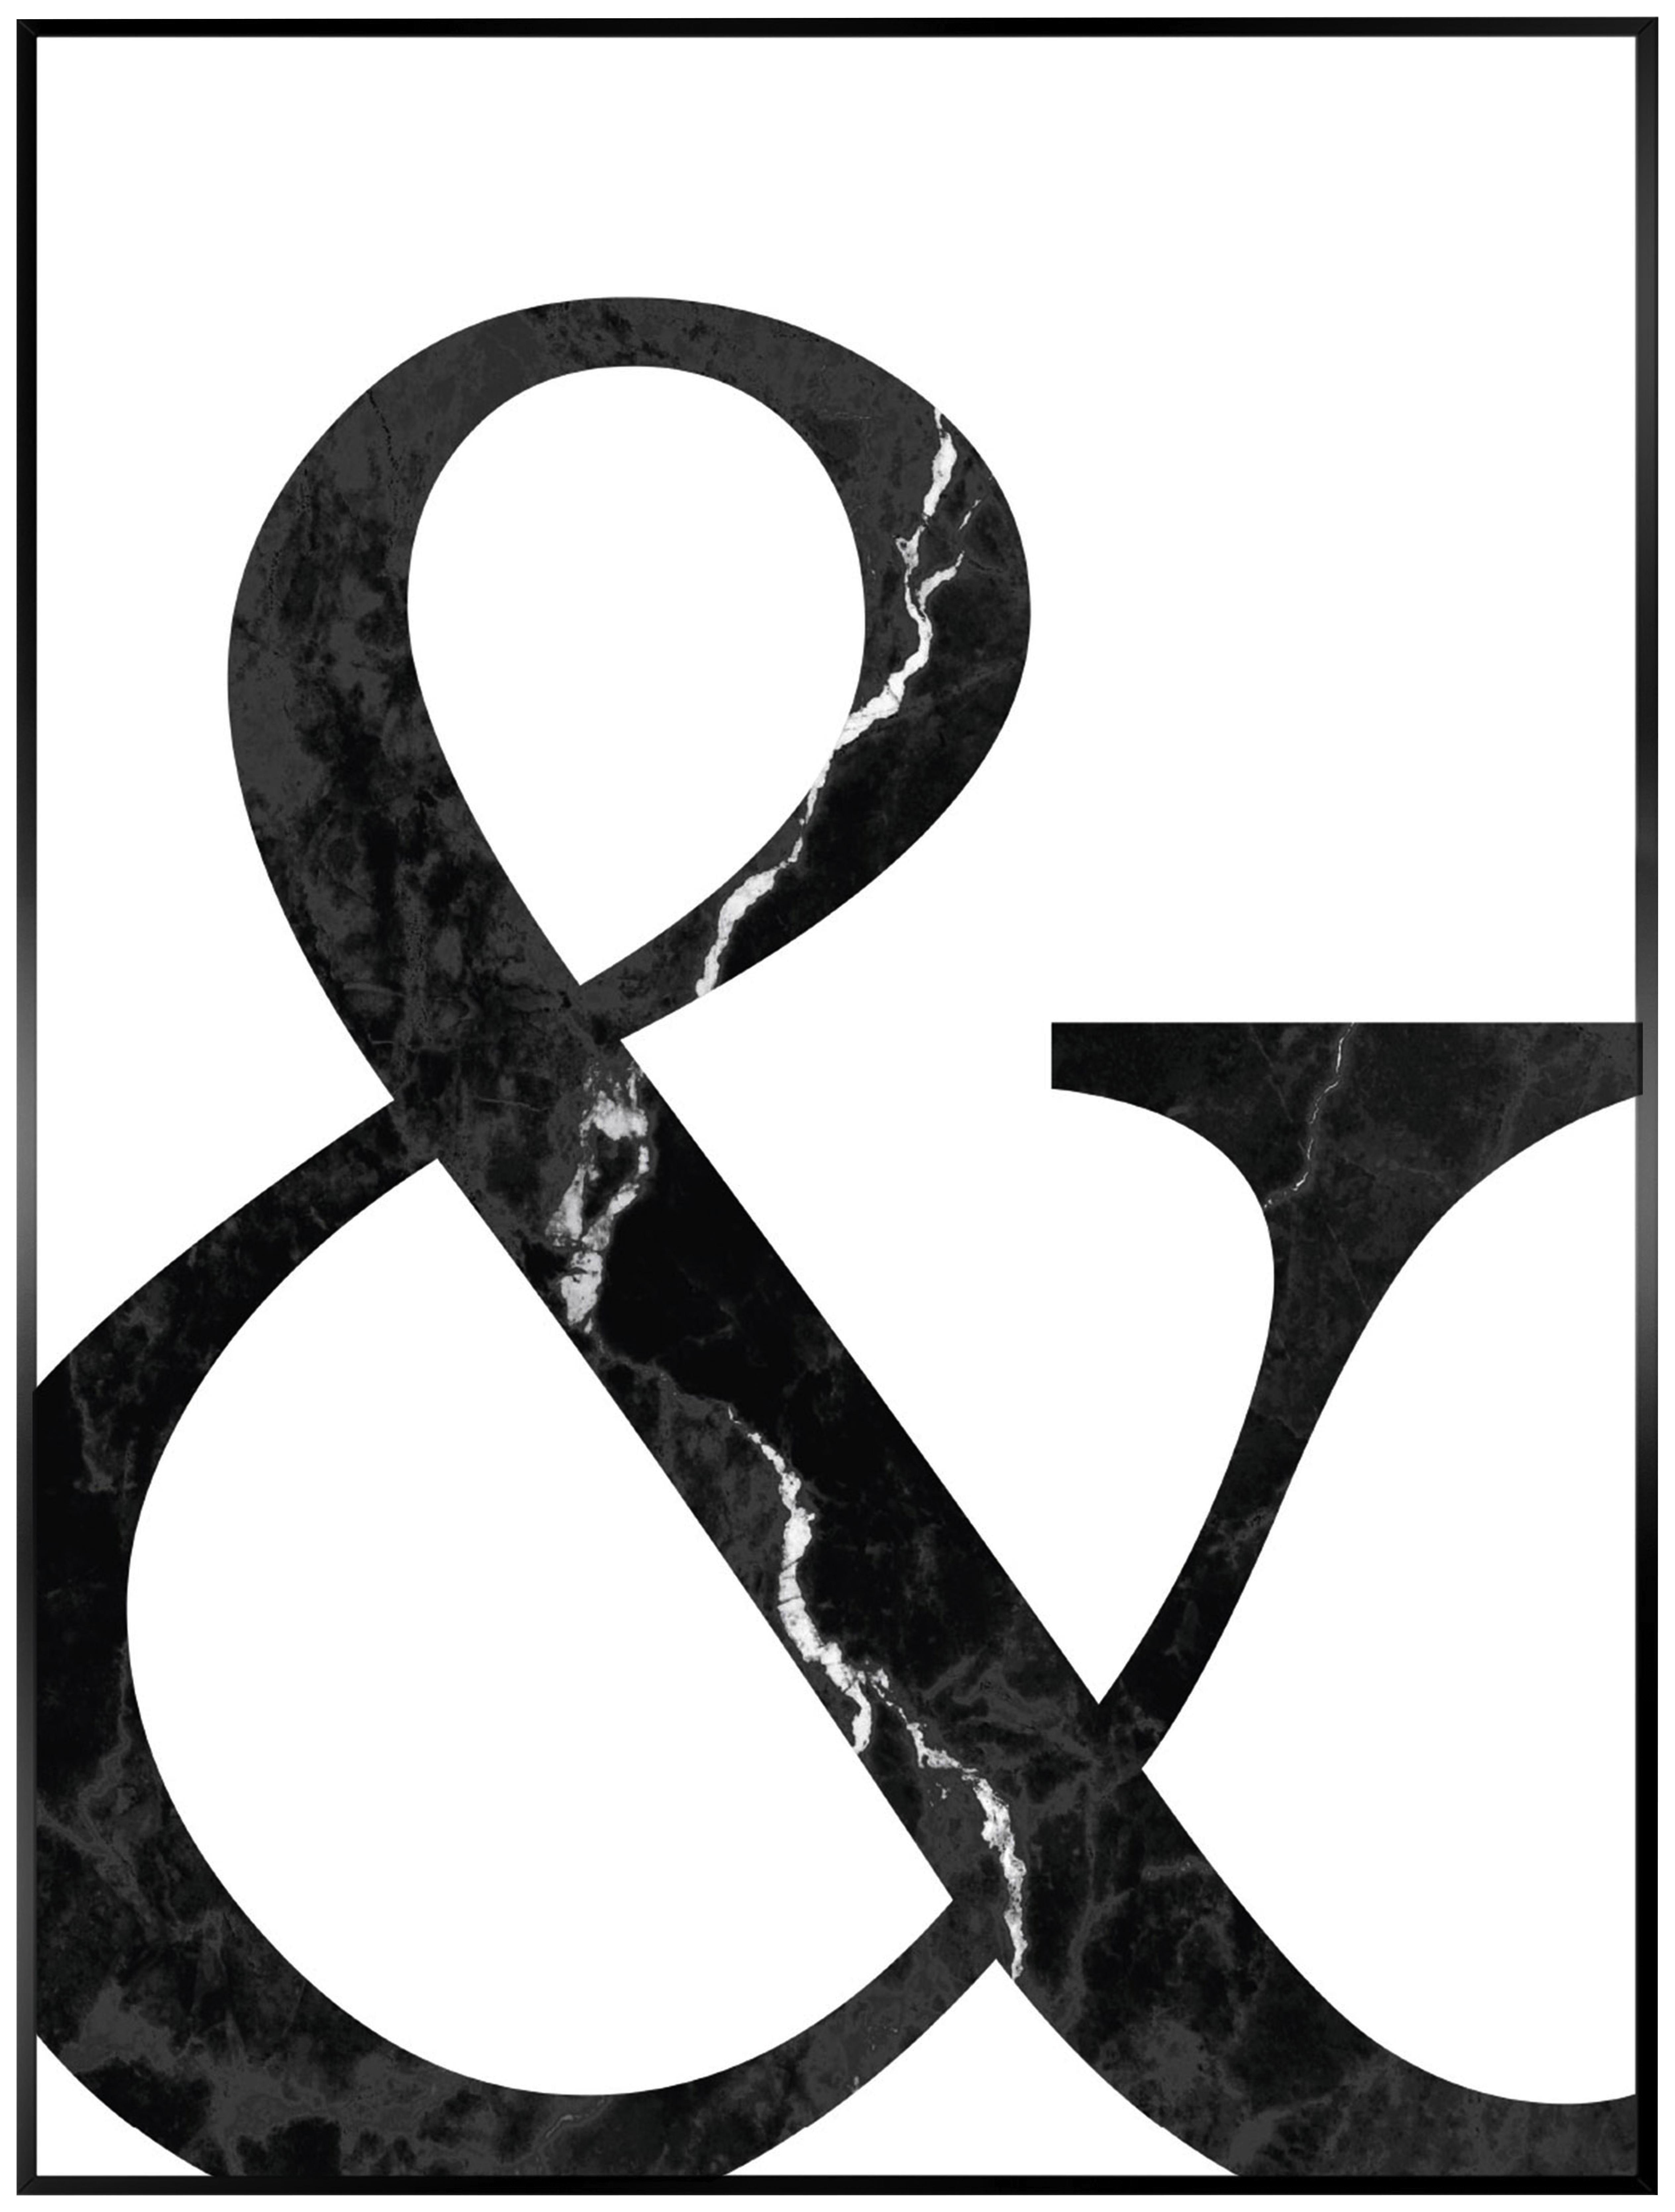 Wandbild In Schwarz Weiss Von Symbol Tumblr Bilder Schwarz Weiss Wandbilder Schwarz Weiss Poster Schwarz Weiss